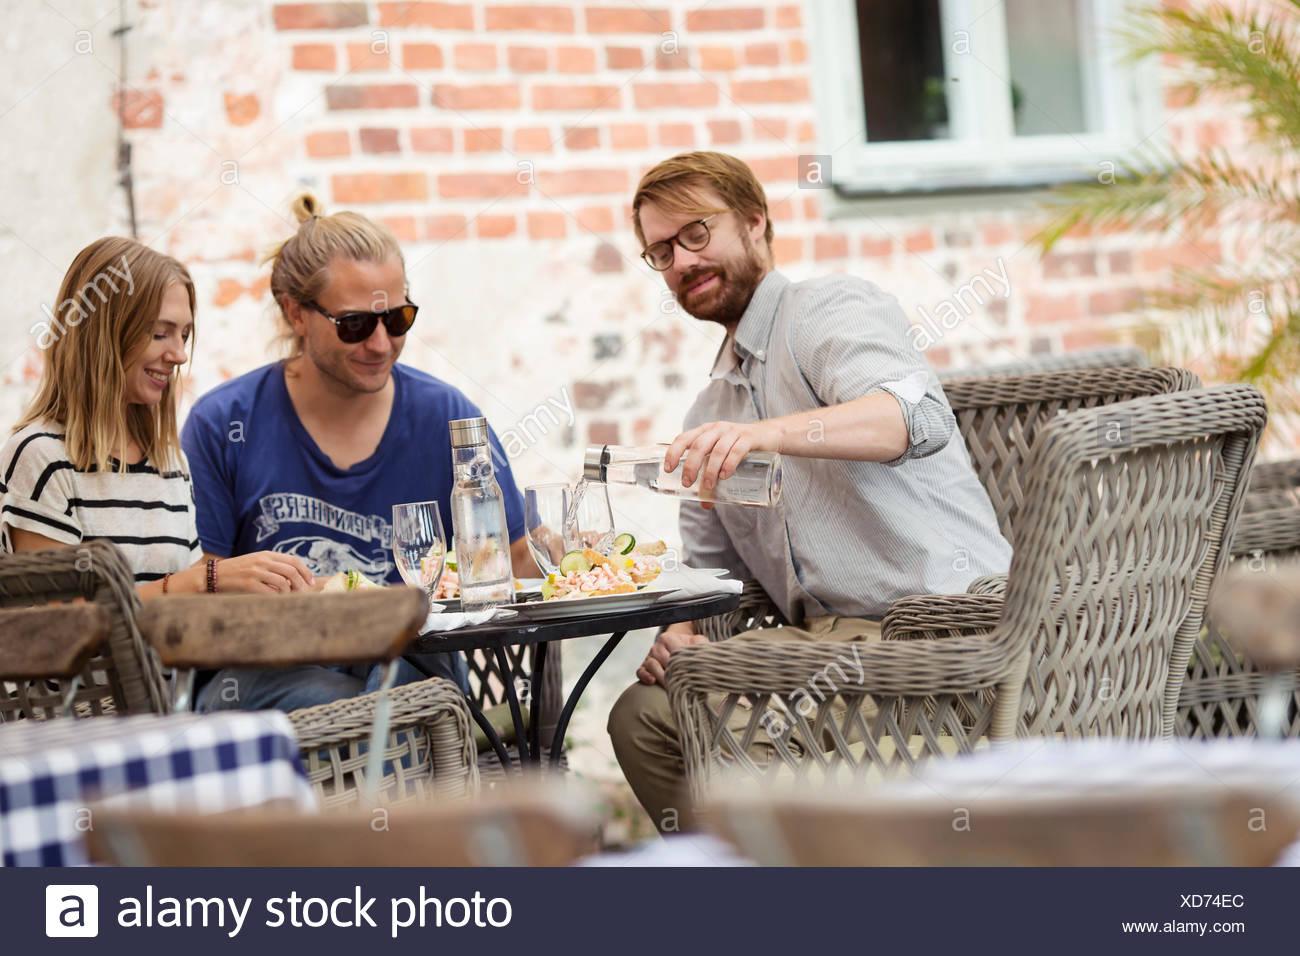 La Svezia, Skane, tre persone presso il cafe di mangiare il pranzo Immagini Stock